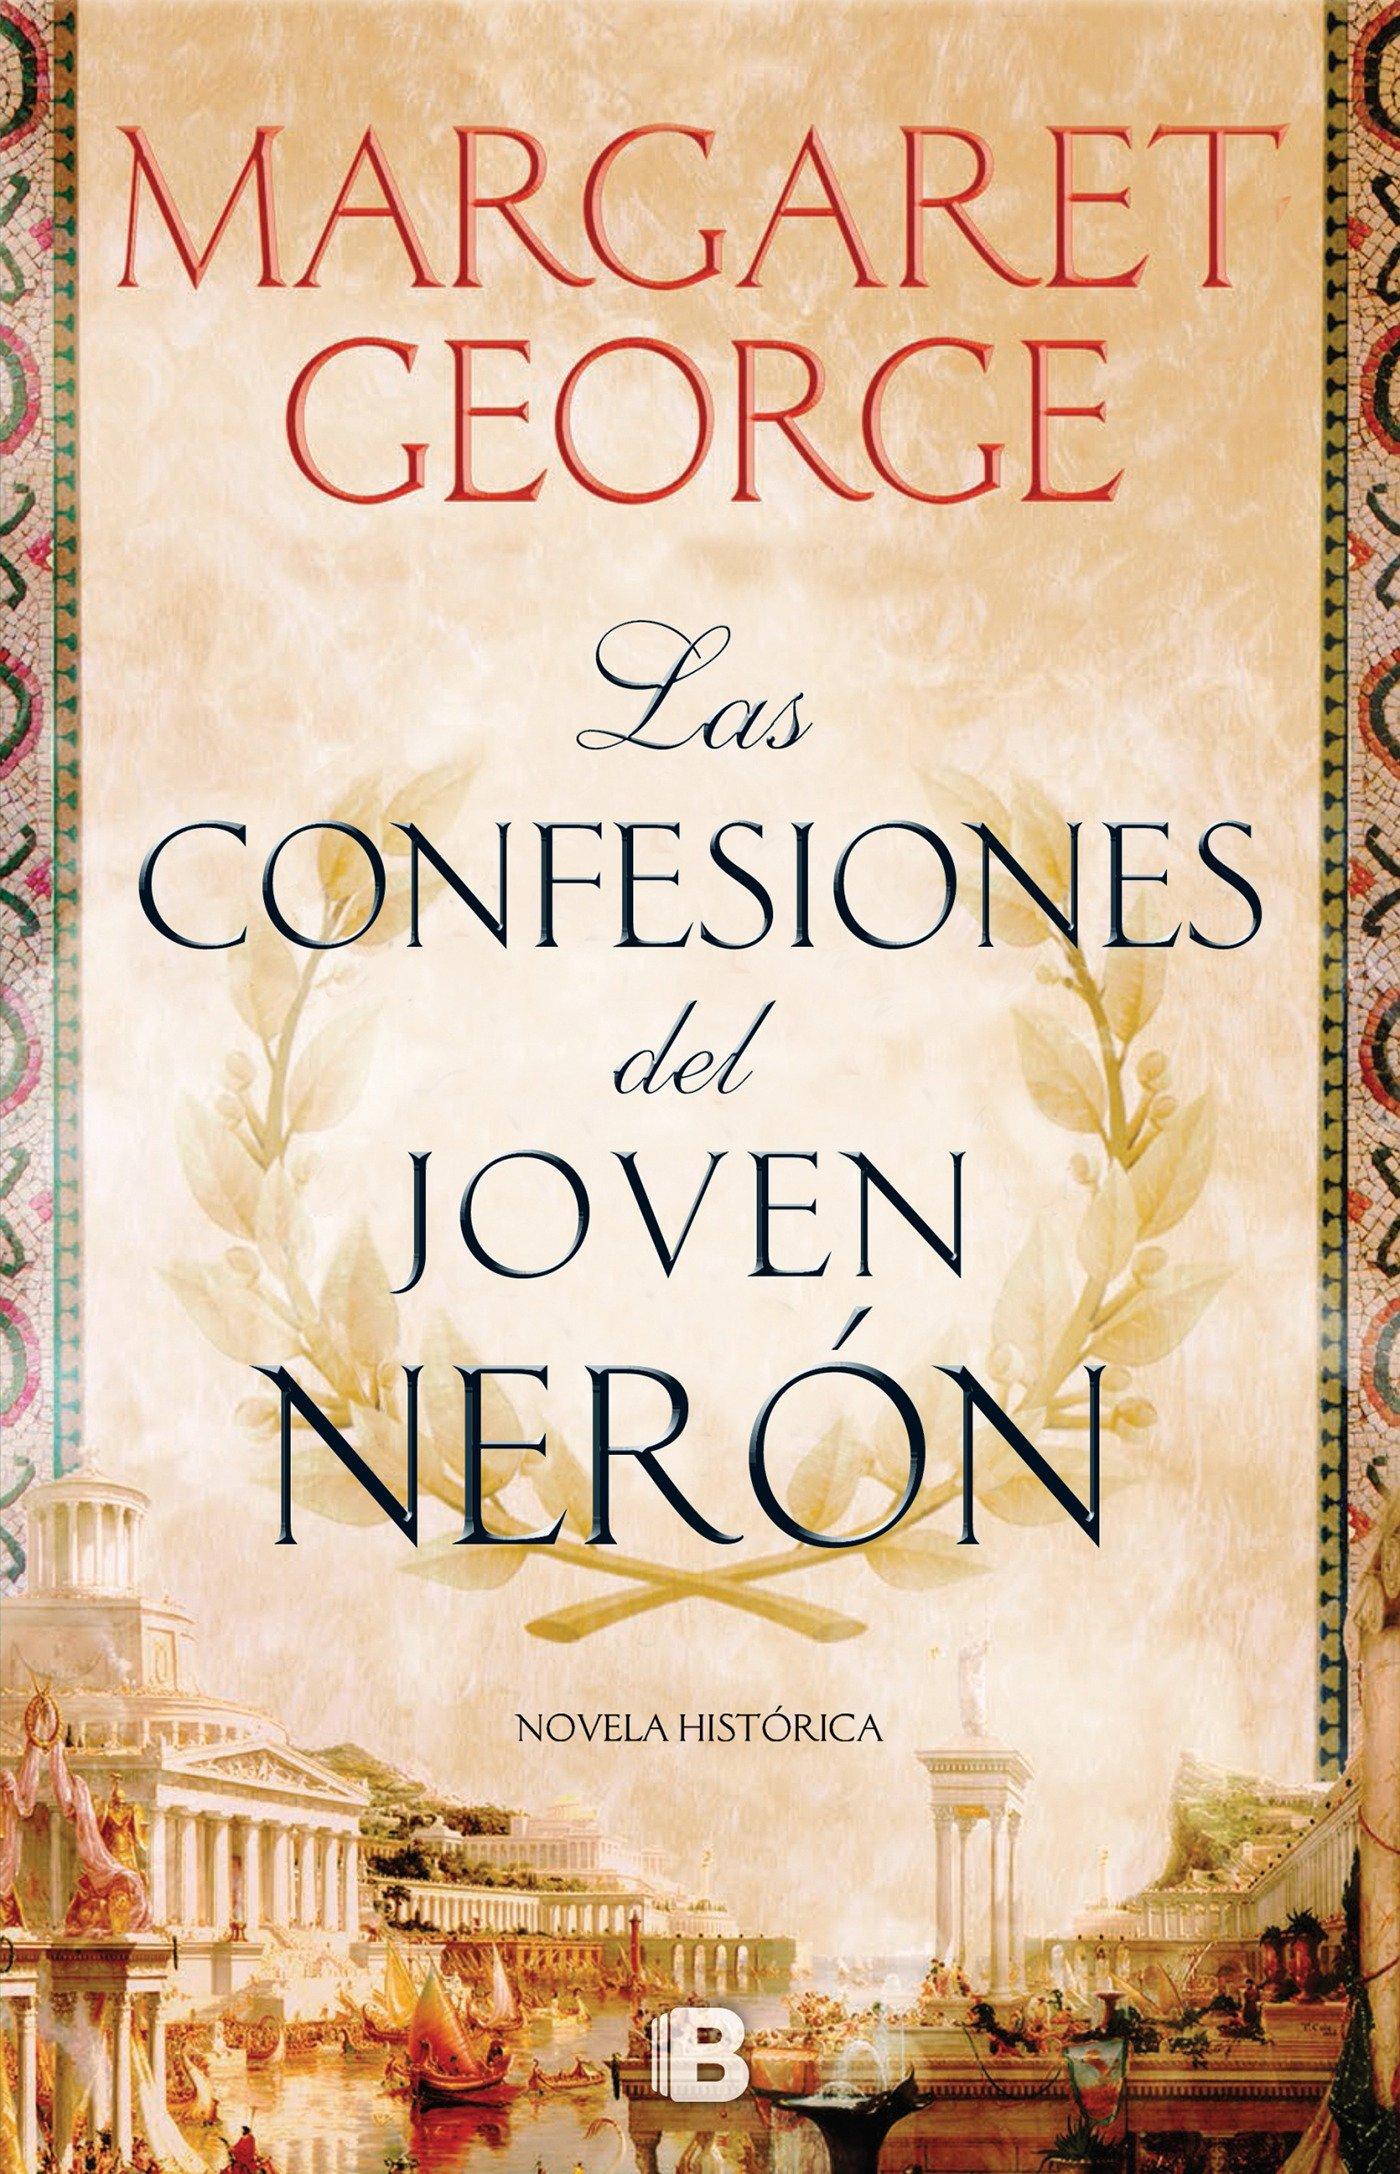 Las confesiones del joven Nerón (Histórica): Amazon.es: Margaret George: Libros